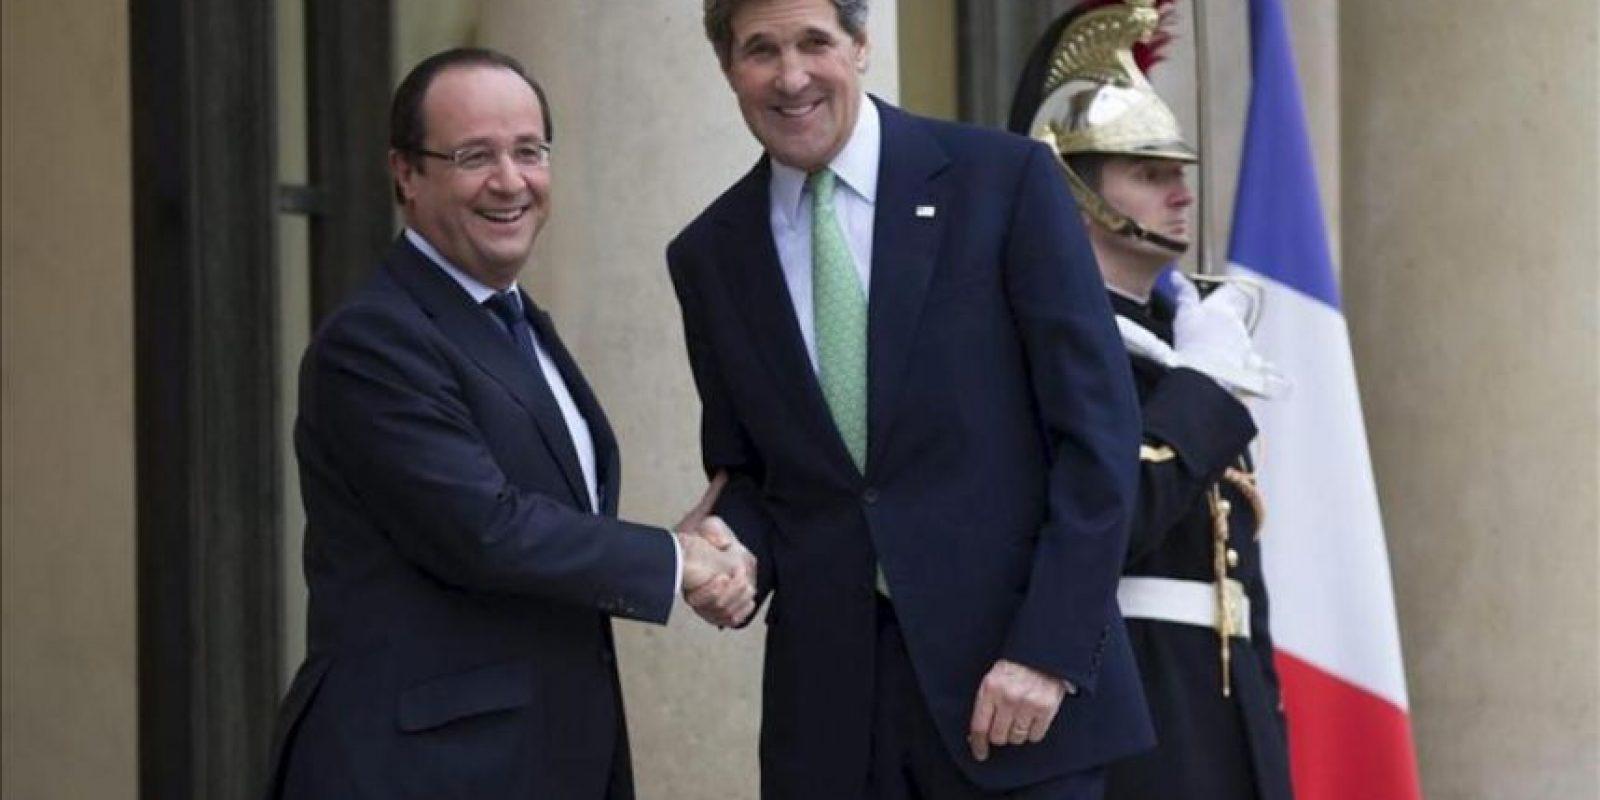 El secretario de Estado de los Estados Unidos, John Kerry (der), saluda al presidente francés, François Hollande (izq), a su llegada al encuentro en el Palacio del Elíseo, en París, Francia, hoy miércoles 27 de febrero de 2013. EFE